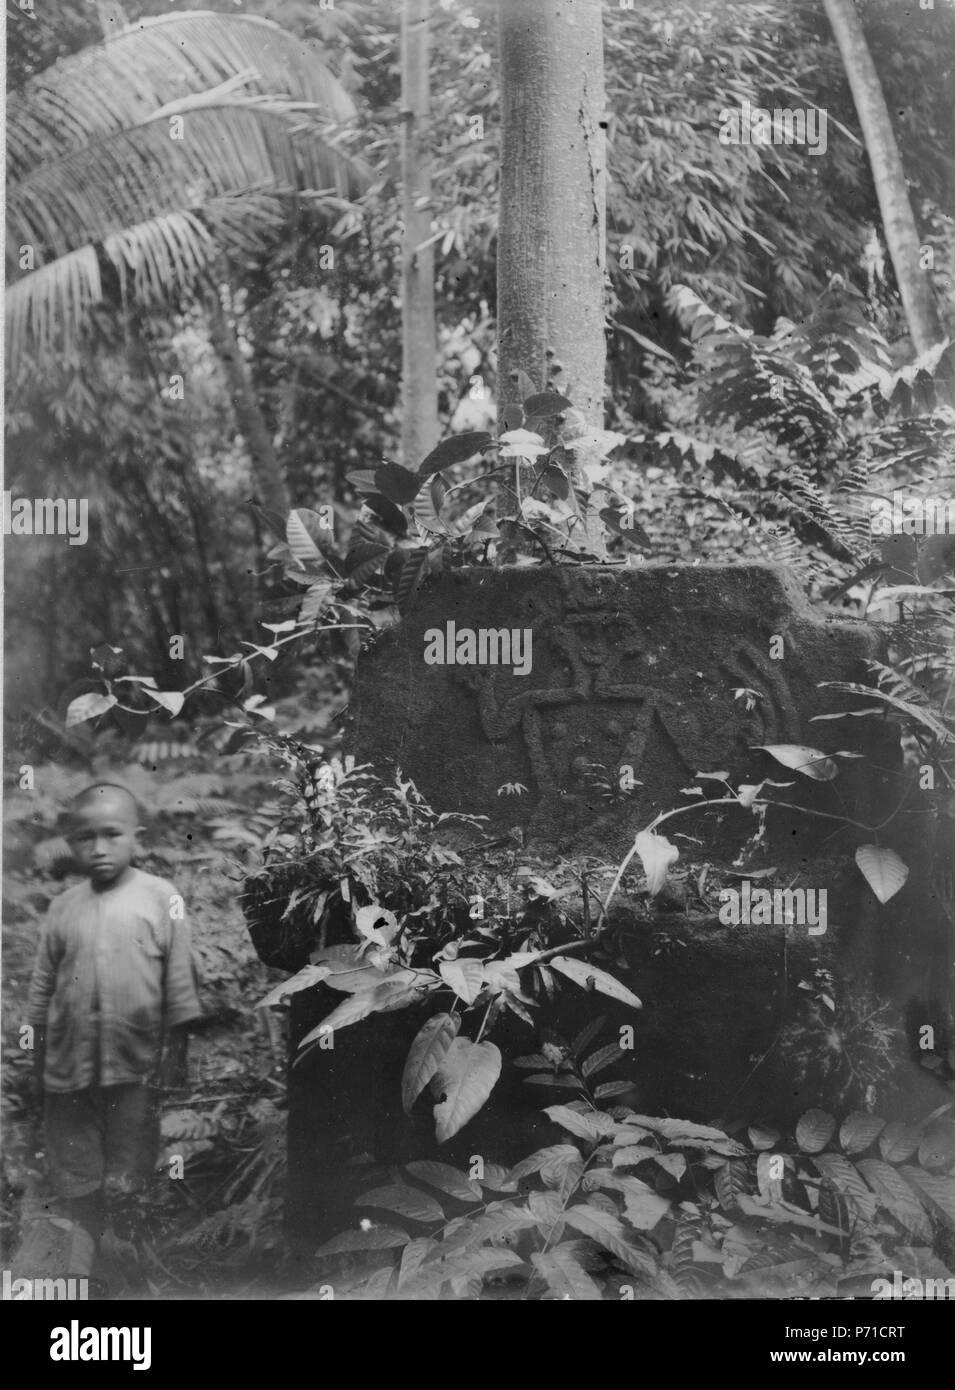 9 En gammal stengrav eller tiwoekar i skogen vid Amoerang - SMVK - 000263 - Stock Image